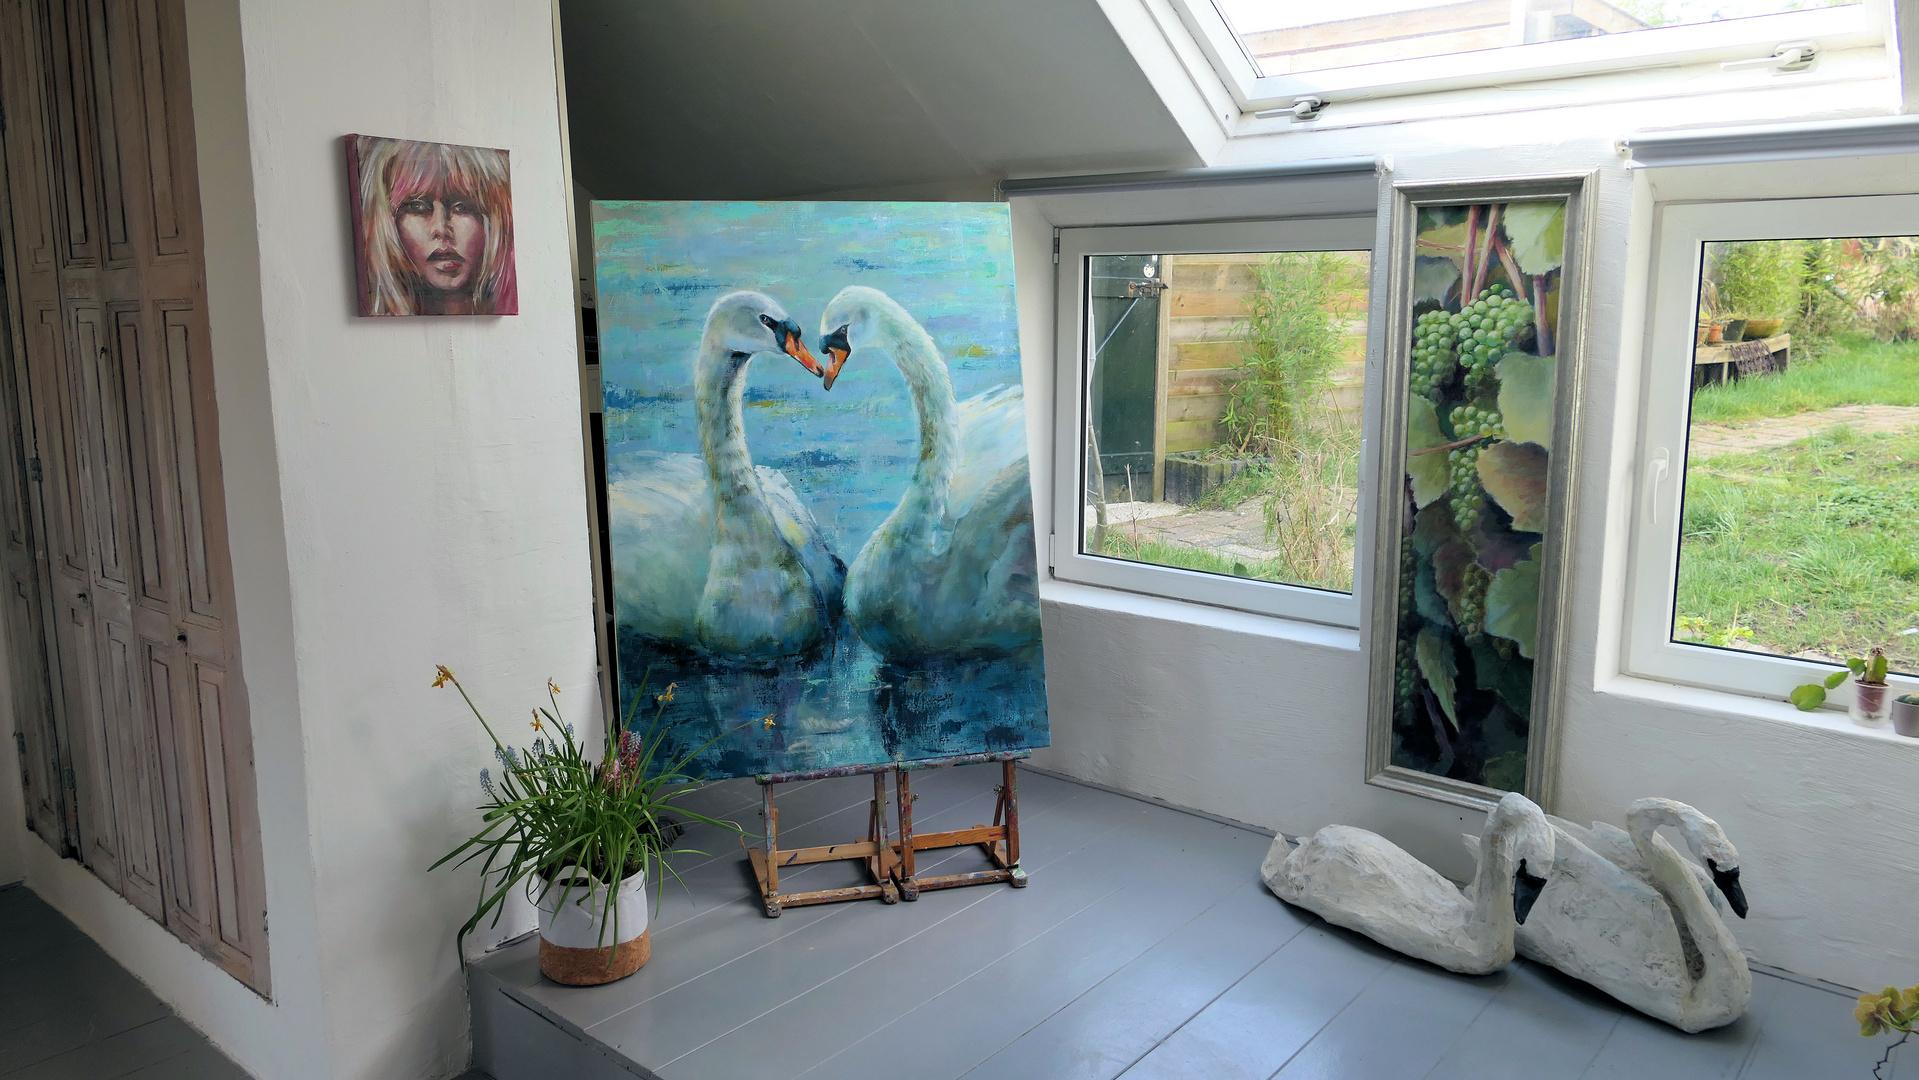 ... at Gerda's house